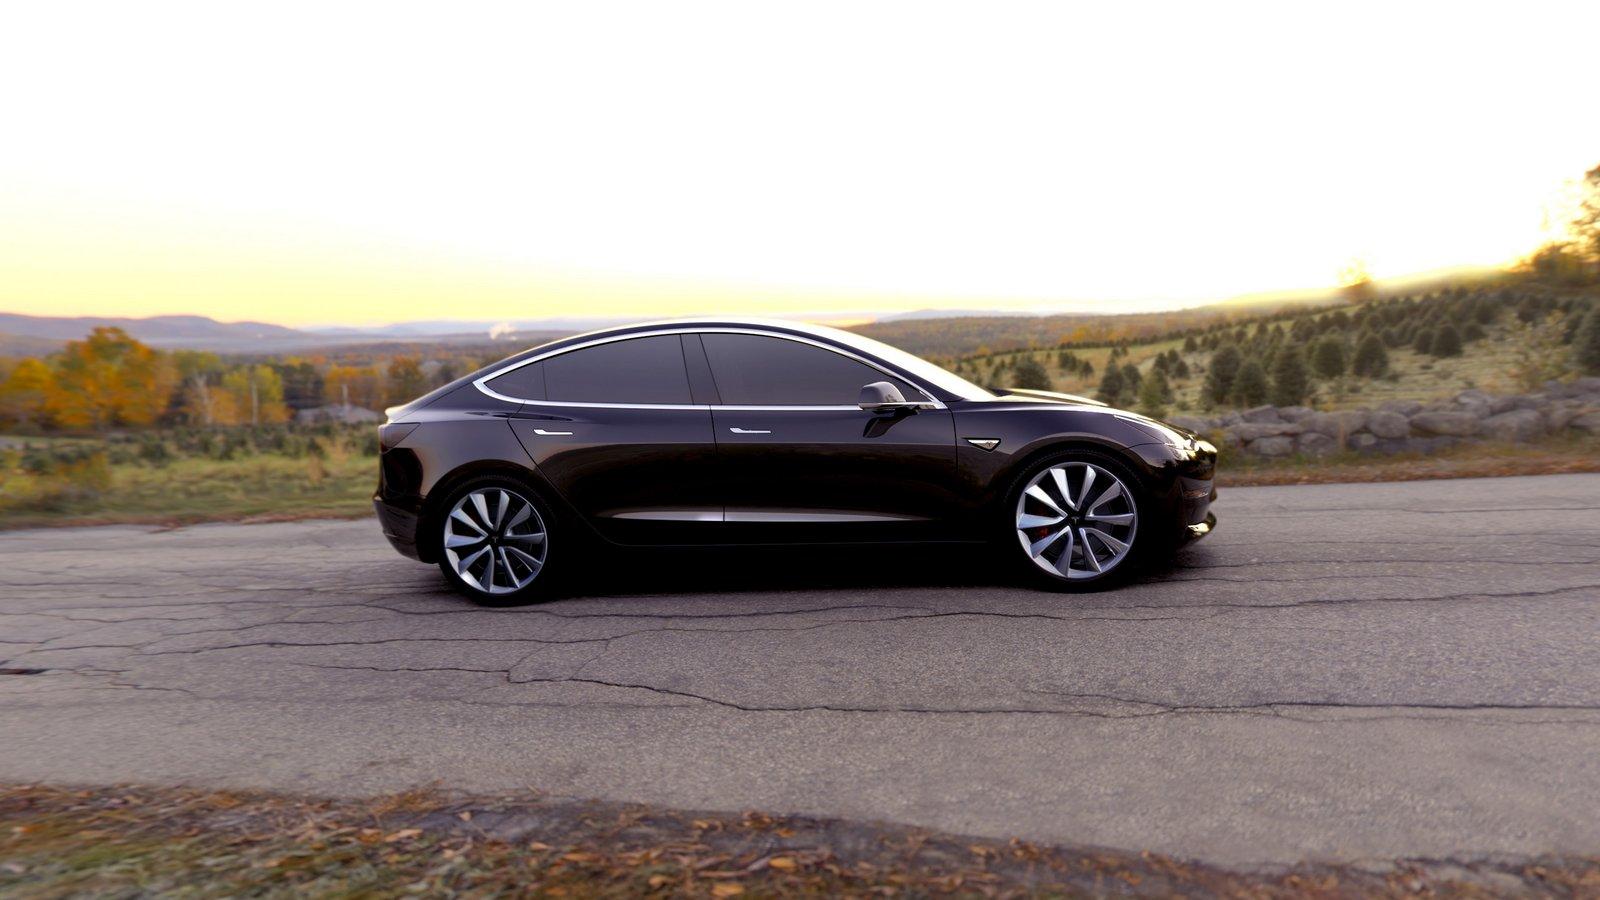 Děsí Tesla Model 3 německé konkurenty? Odpověď chystá Audi i BMW –  AutoRevue.cz